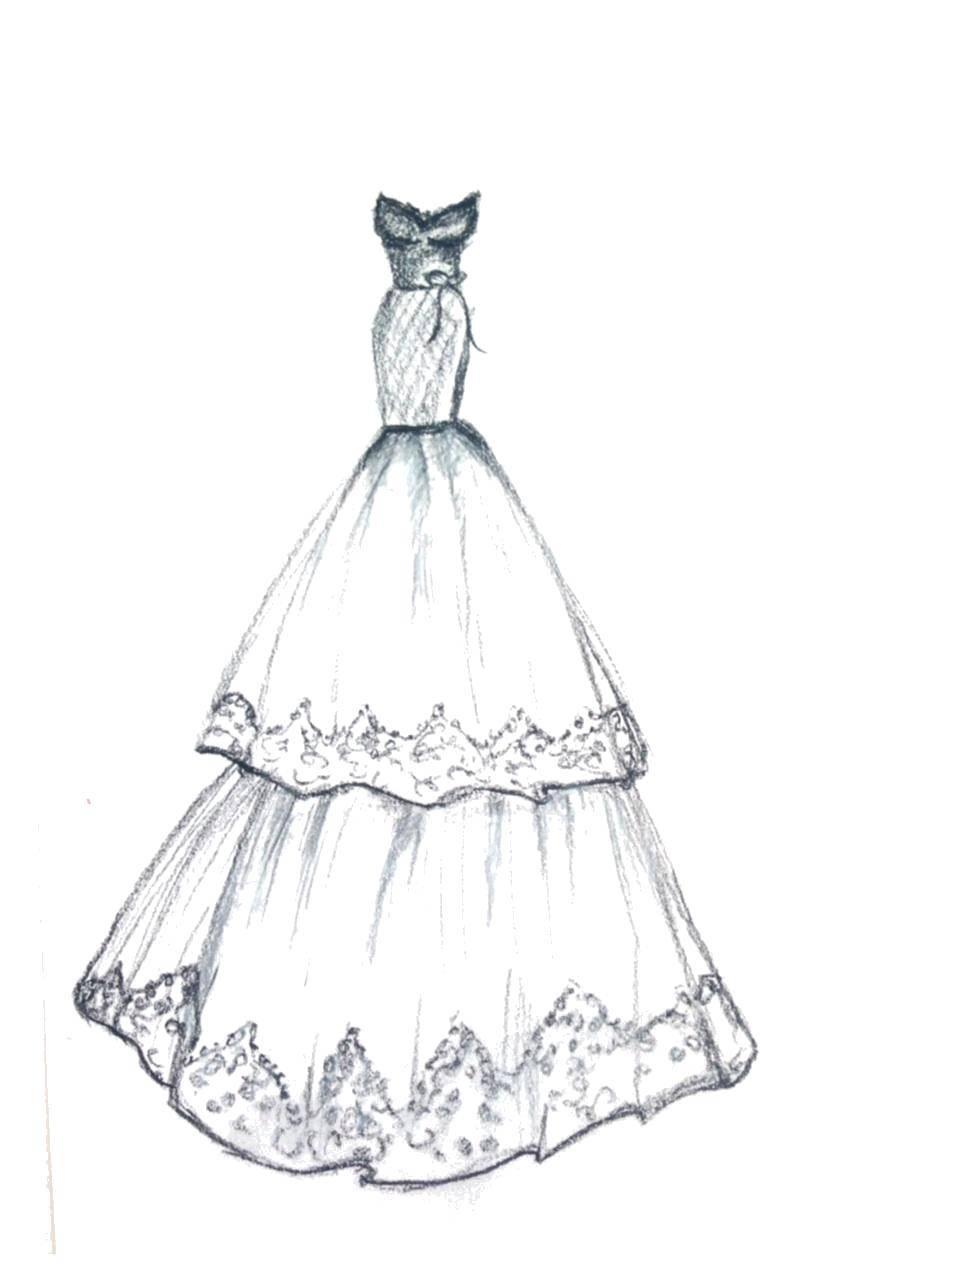 Название: Раскраска Шикарное подиумное платье. Категория: Платья. Теги: платья, одежда.